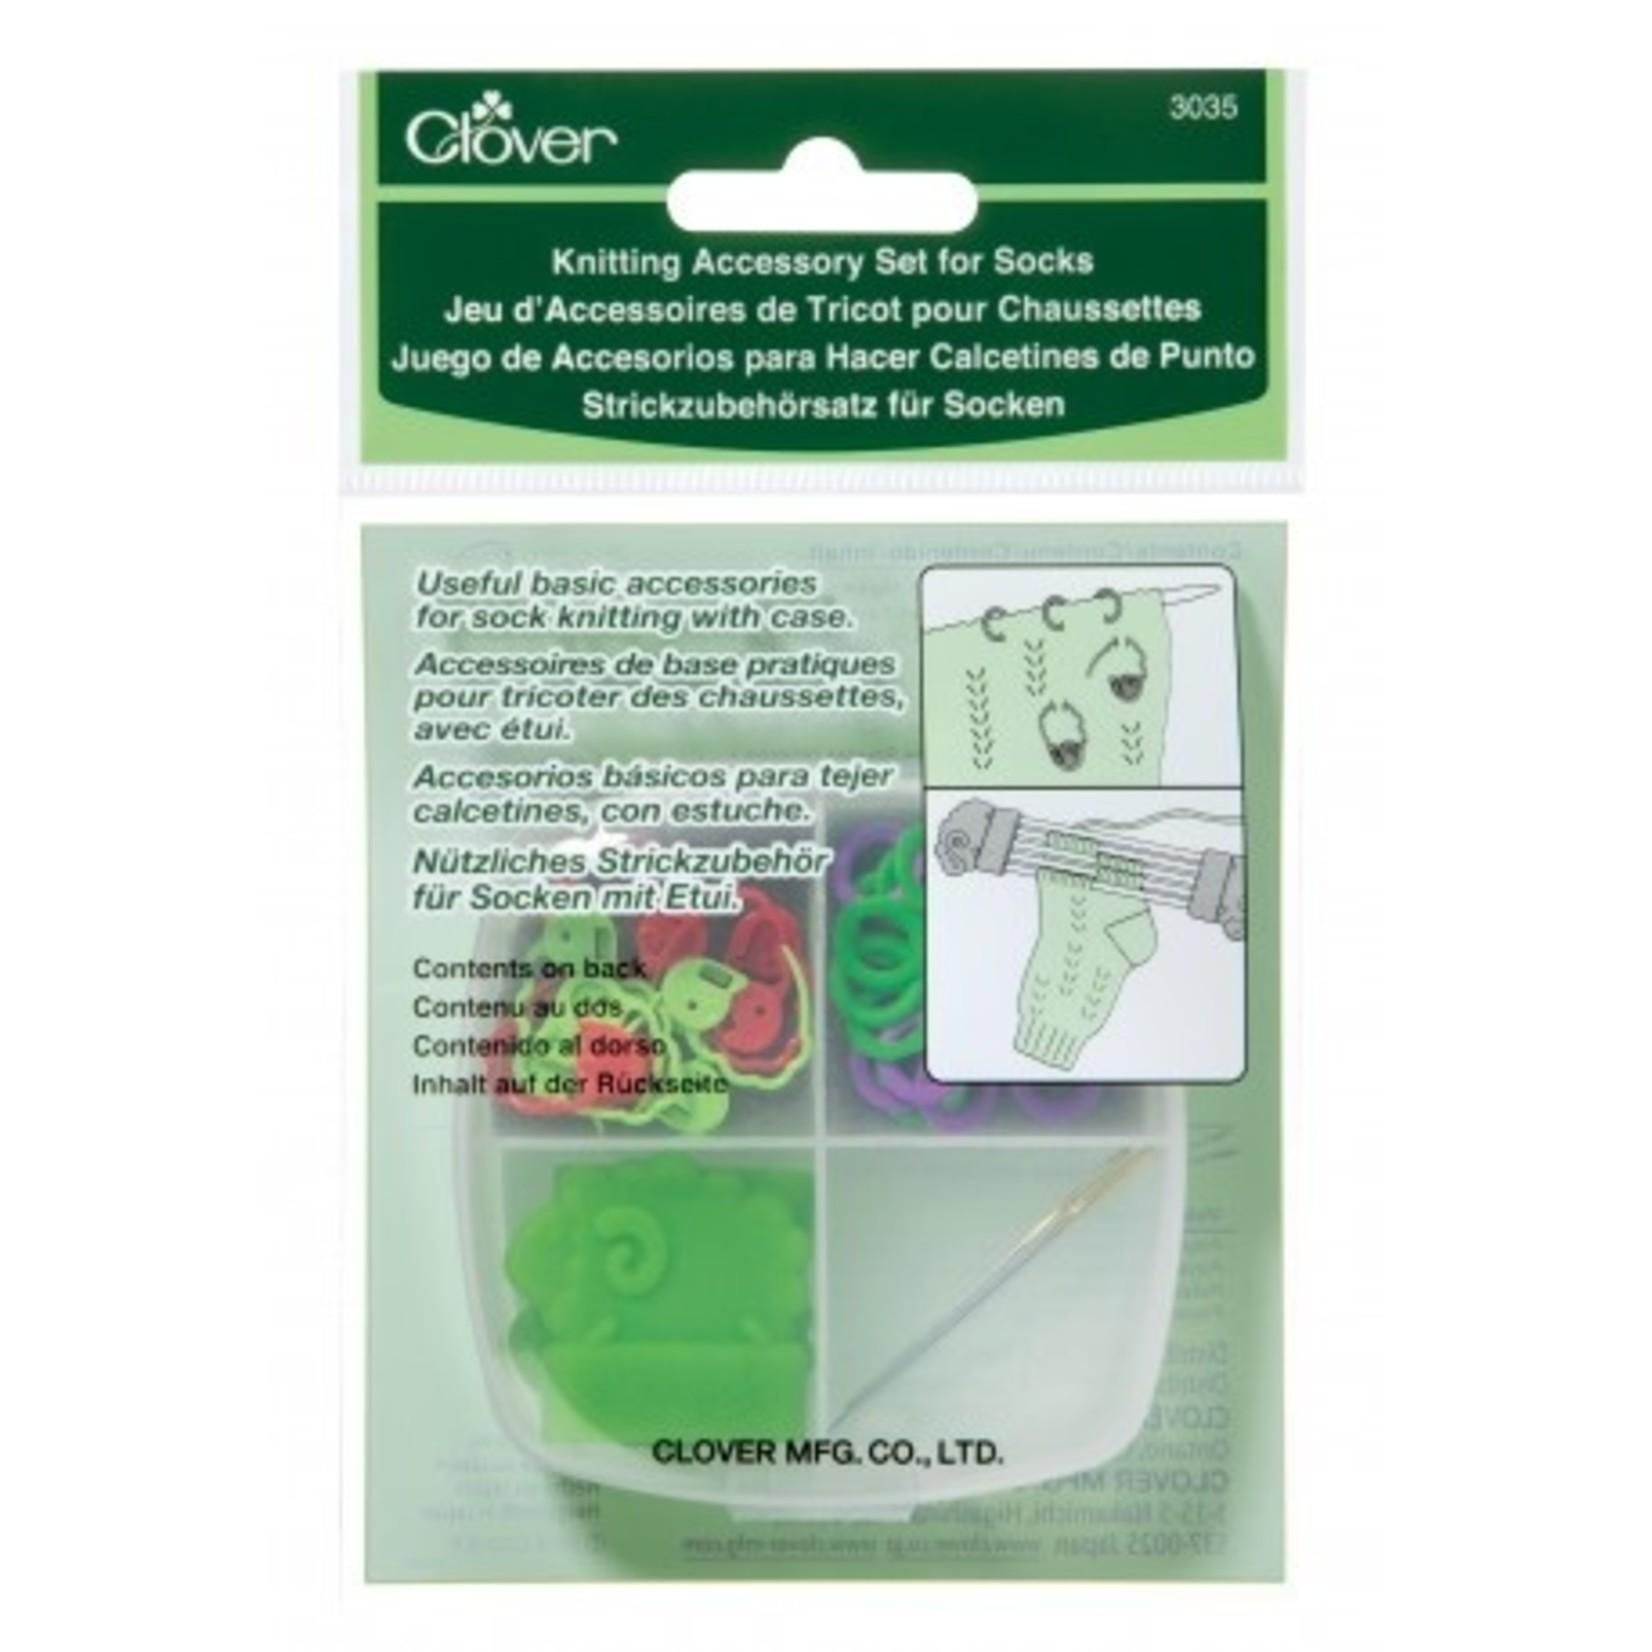 Clover Clover Knitting Accessory Kit for Socks 3035